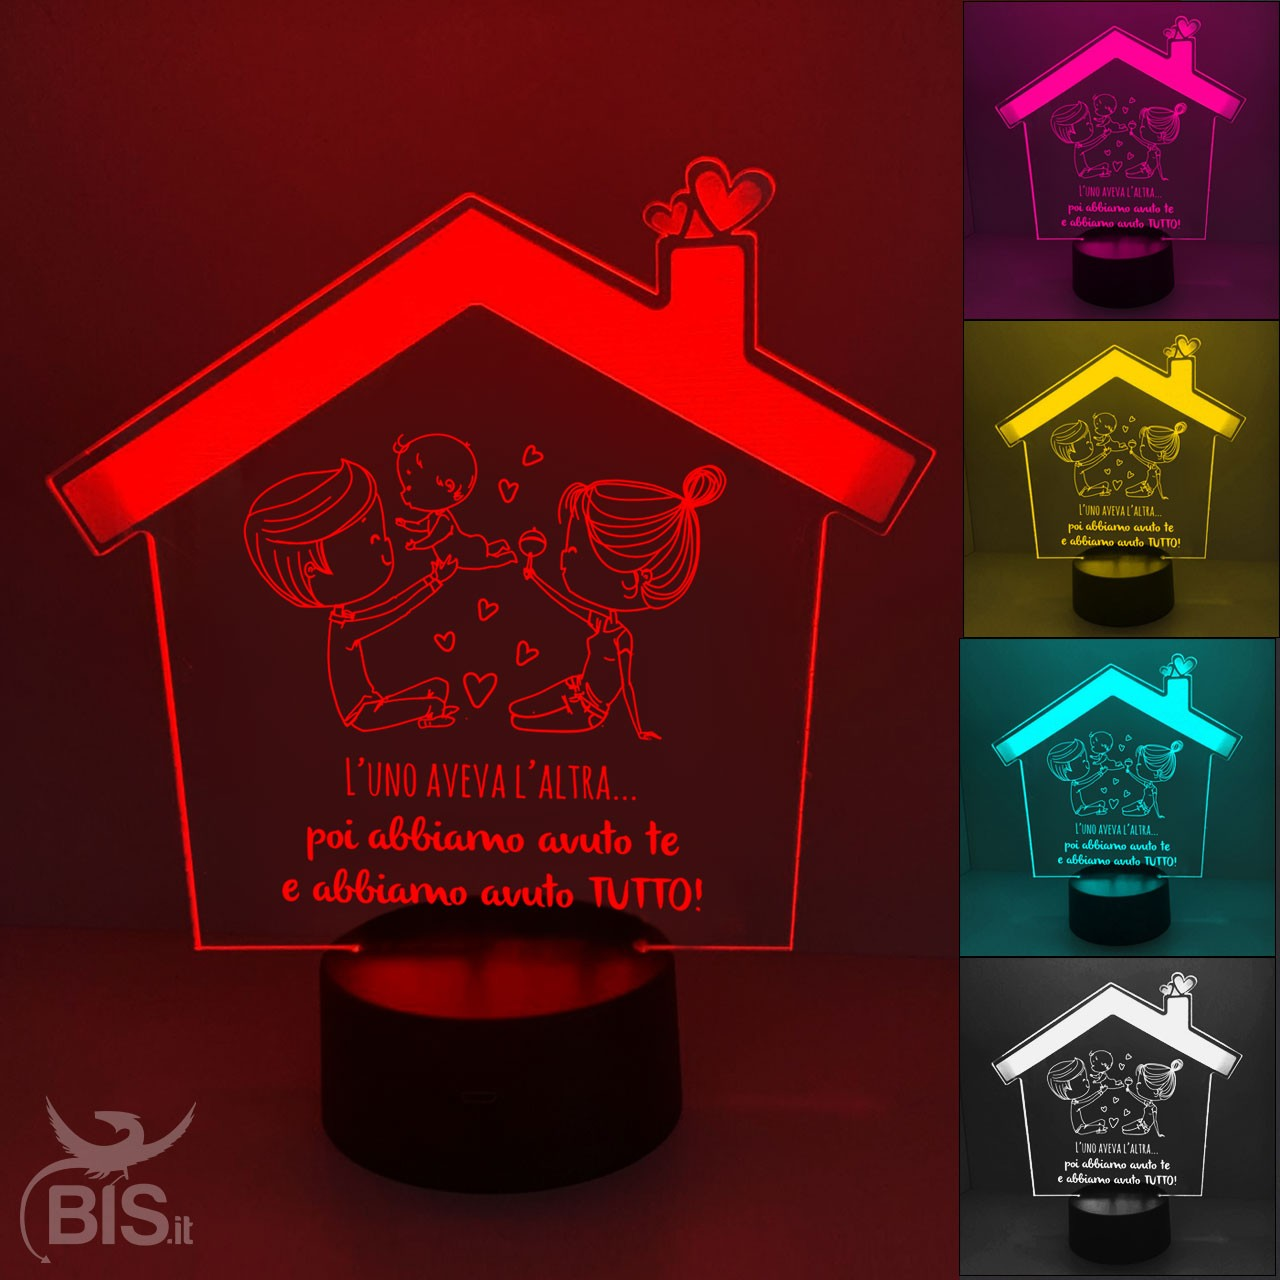 Accensione Lampadario Con Telecomando lampada led casetta con dedica per la famiglia